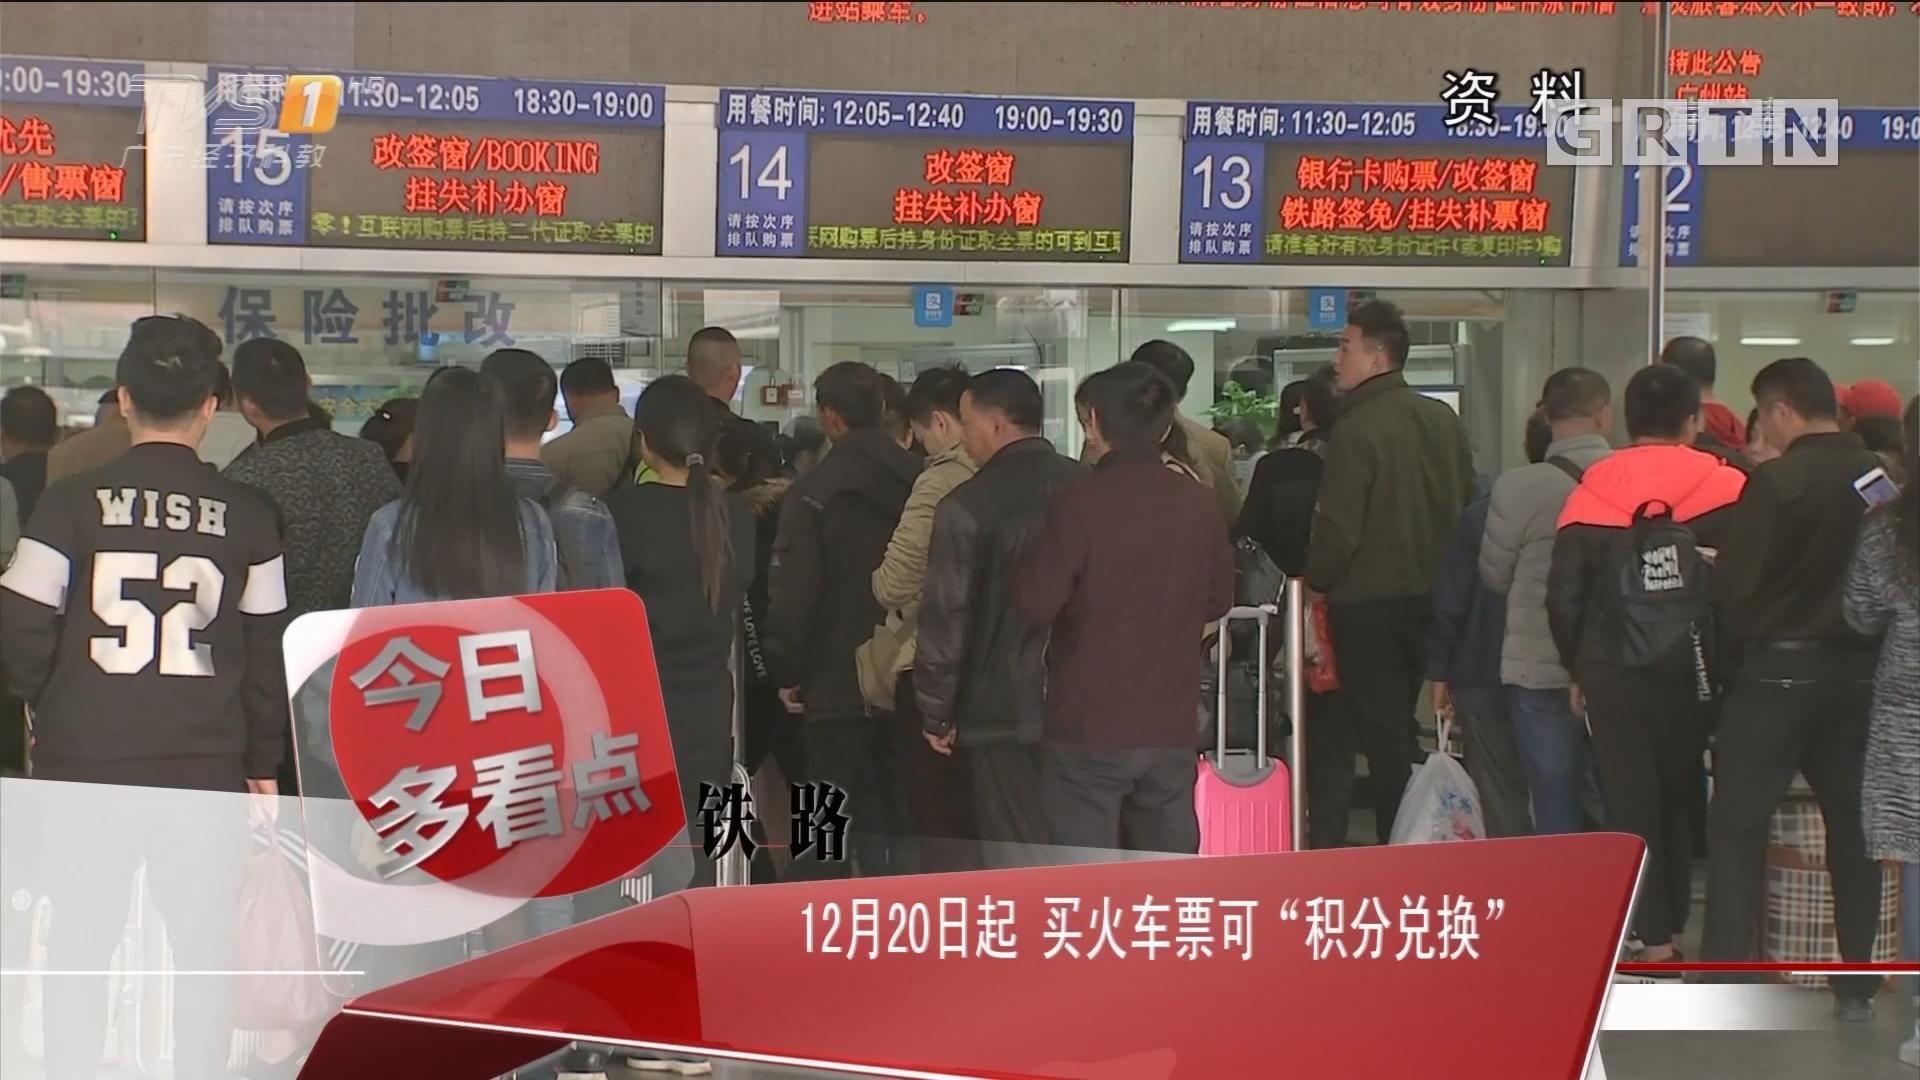 """铁路:12月20日起 买火车票可""""积分兑换"""""""